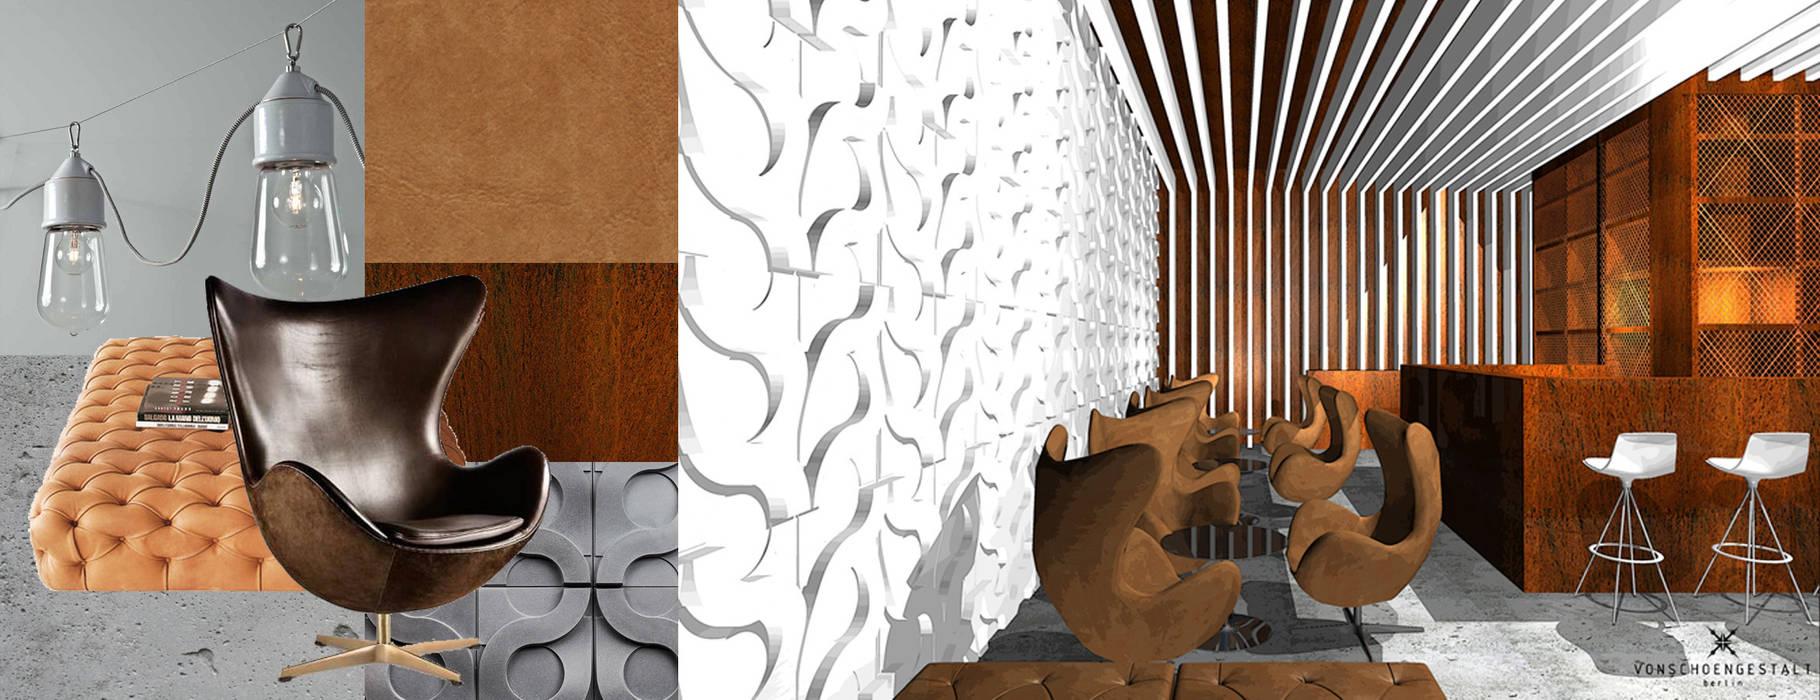 Entwurf und Konzept Bar in Berlin:  Gastronomie von Büro VonSchöngestalt